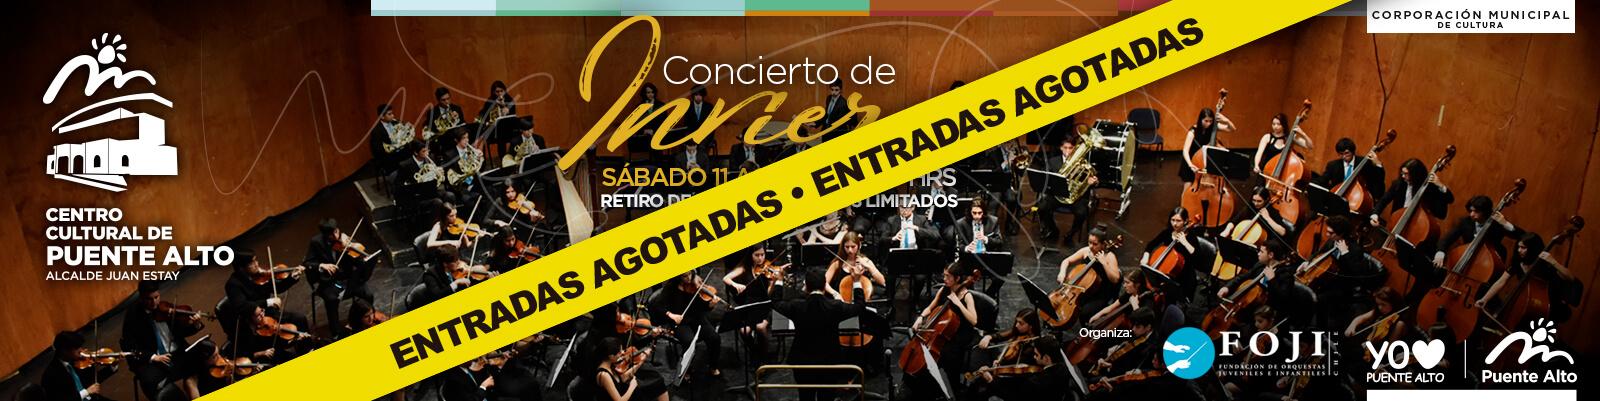 Más de 130 músicos darán vida al primer concierto Sinfónico del Centro Cultural de Puente Alto.